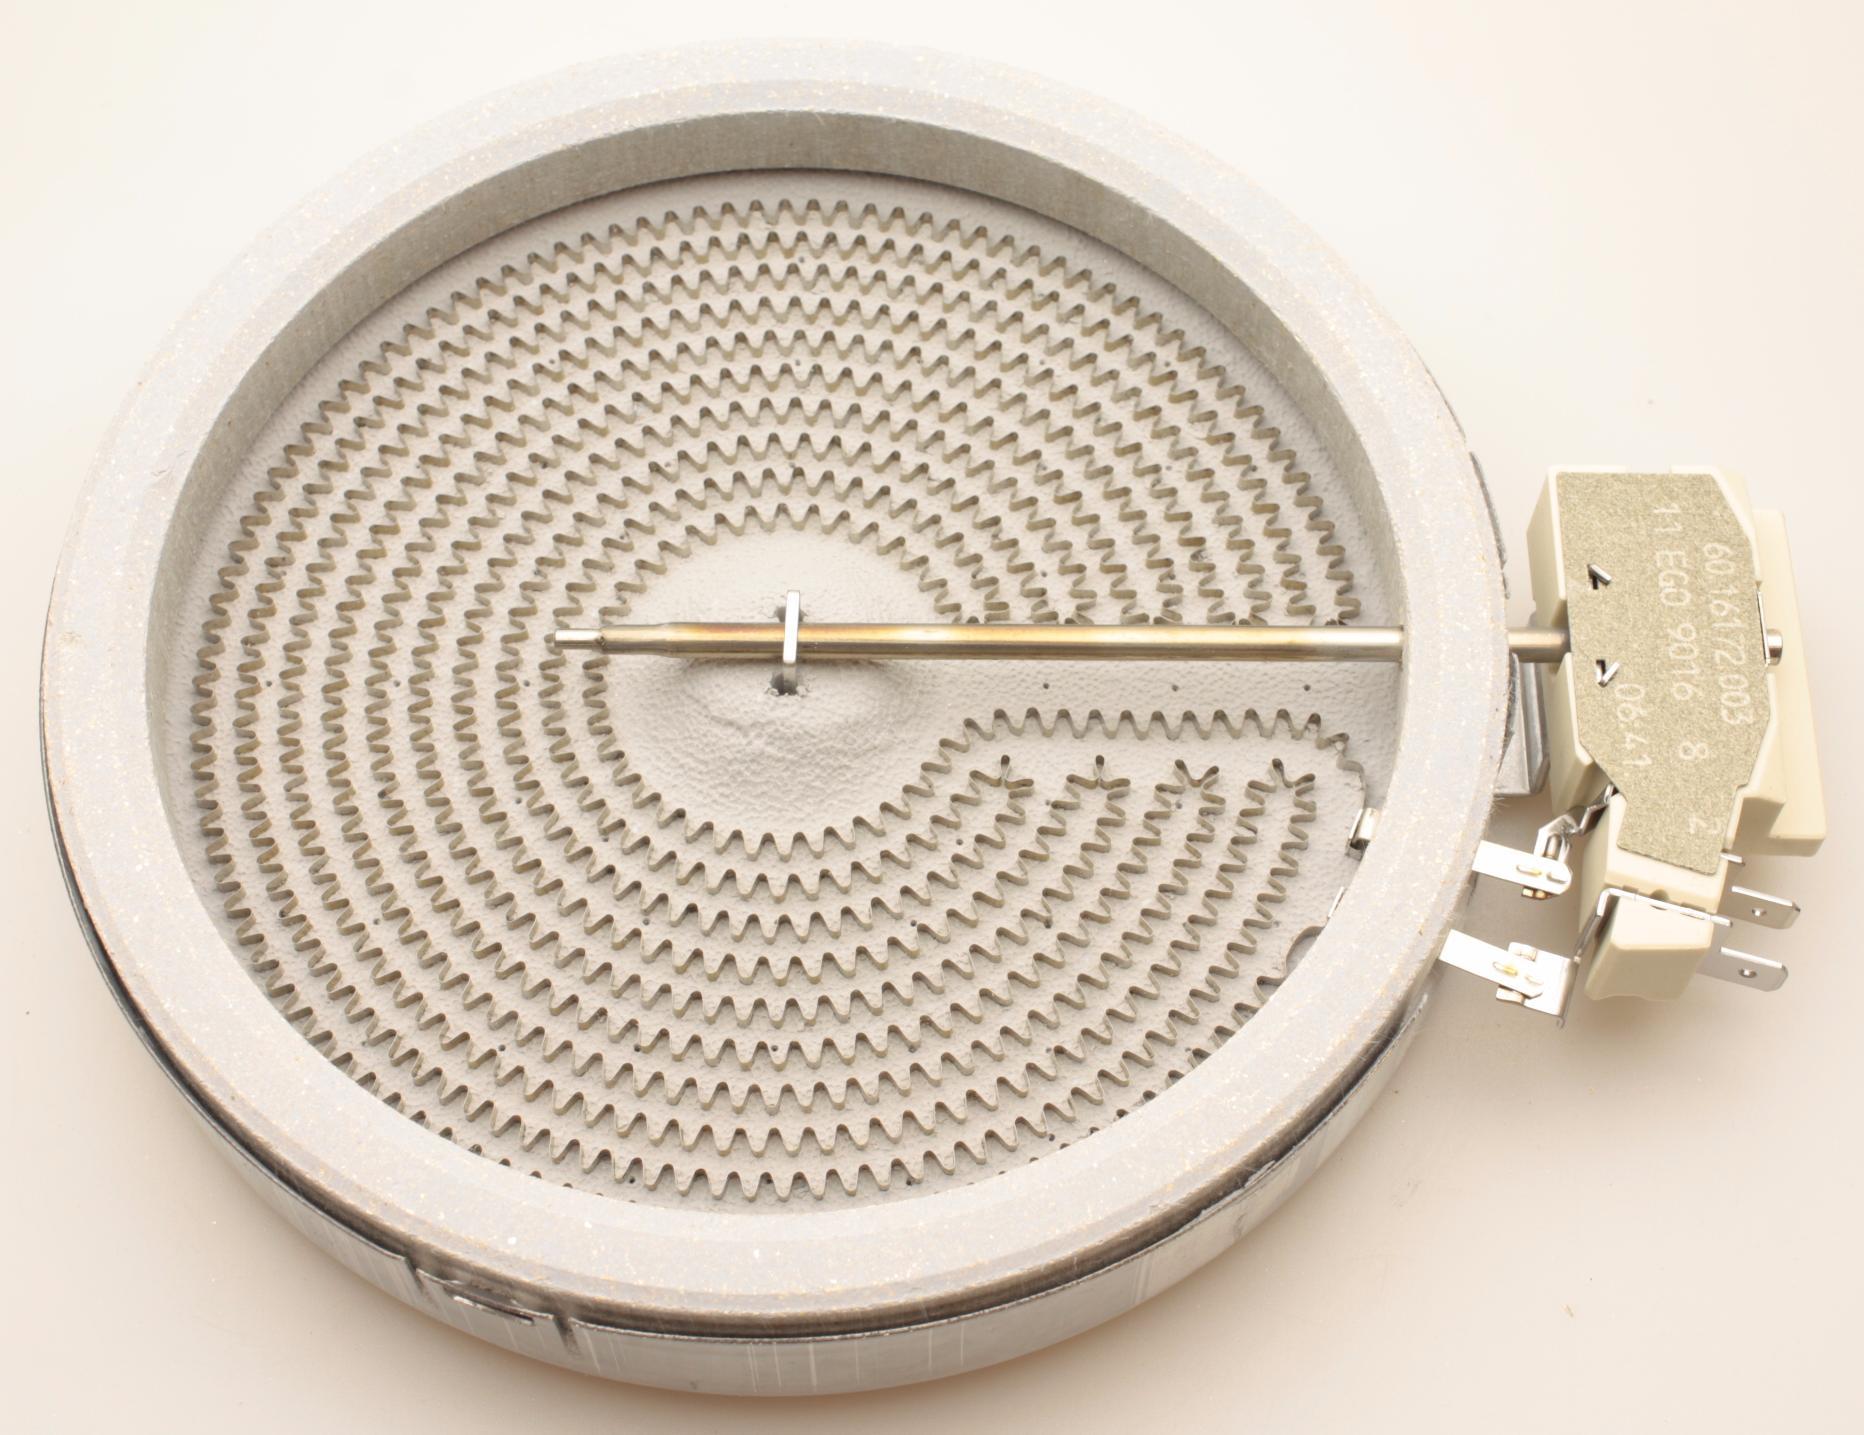 3890800216 Конфорка для стеклокерамической варочной поверхности Electrolux, AEG, Zanussi